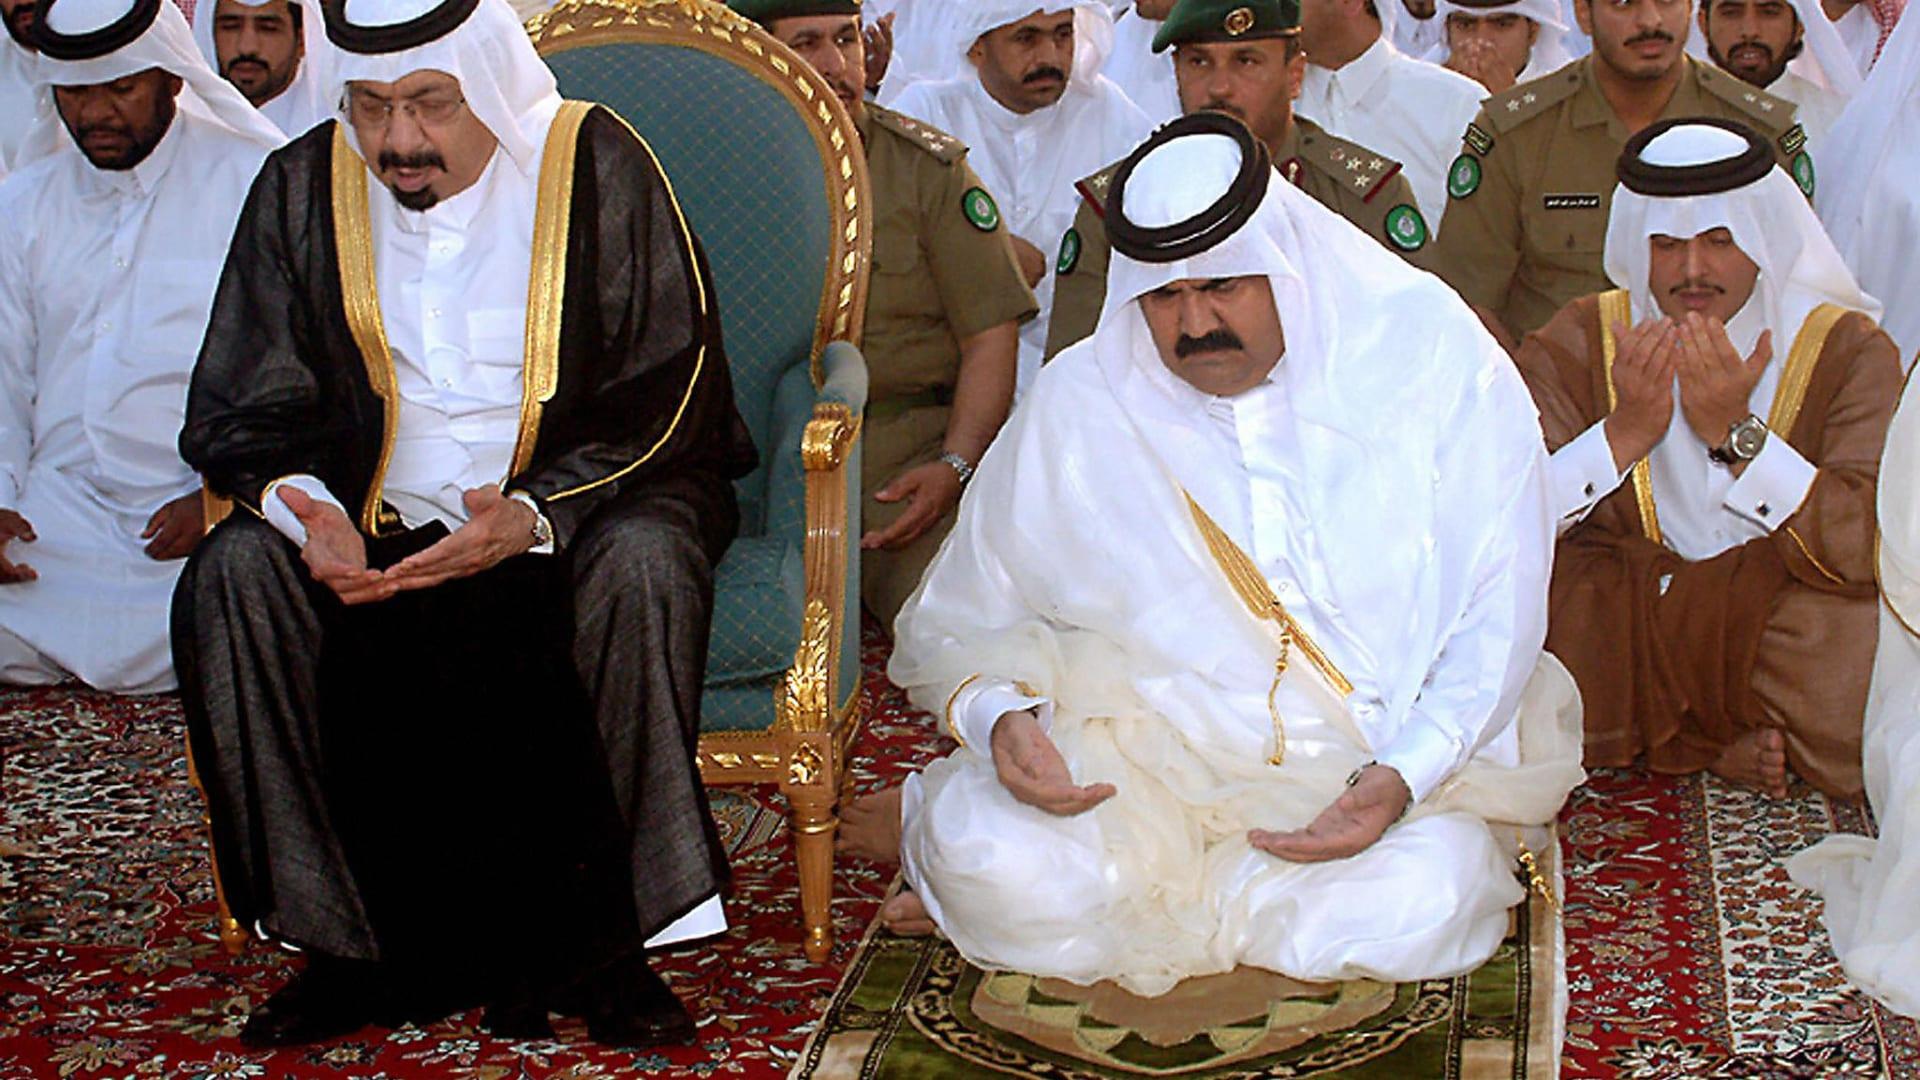 صورة ارشيفية للشيخ حمد بن خليفة (يمين) ووالده الشيخ خليفة بن حمد (يسار) خلال صلاة عيد الفطر العام 2005